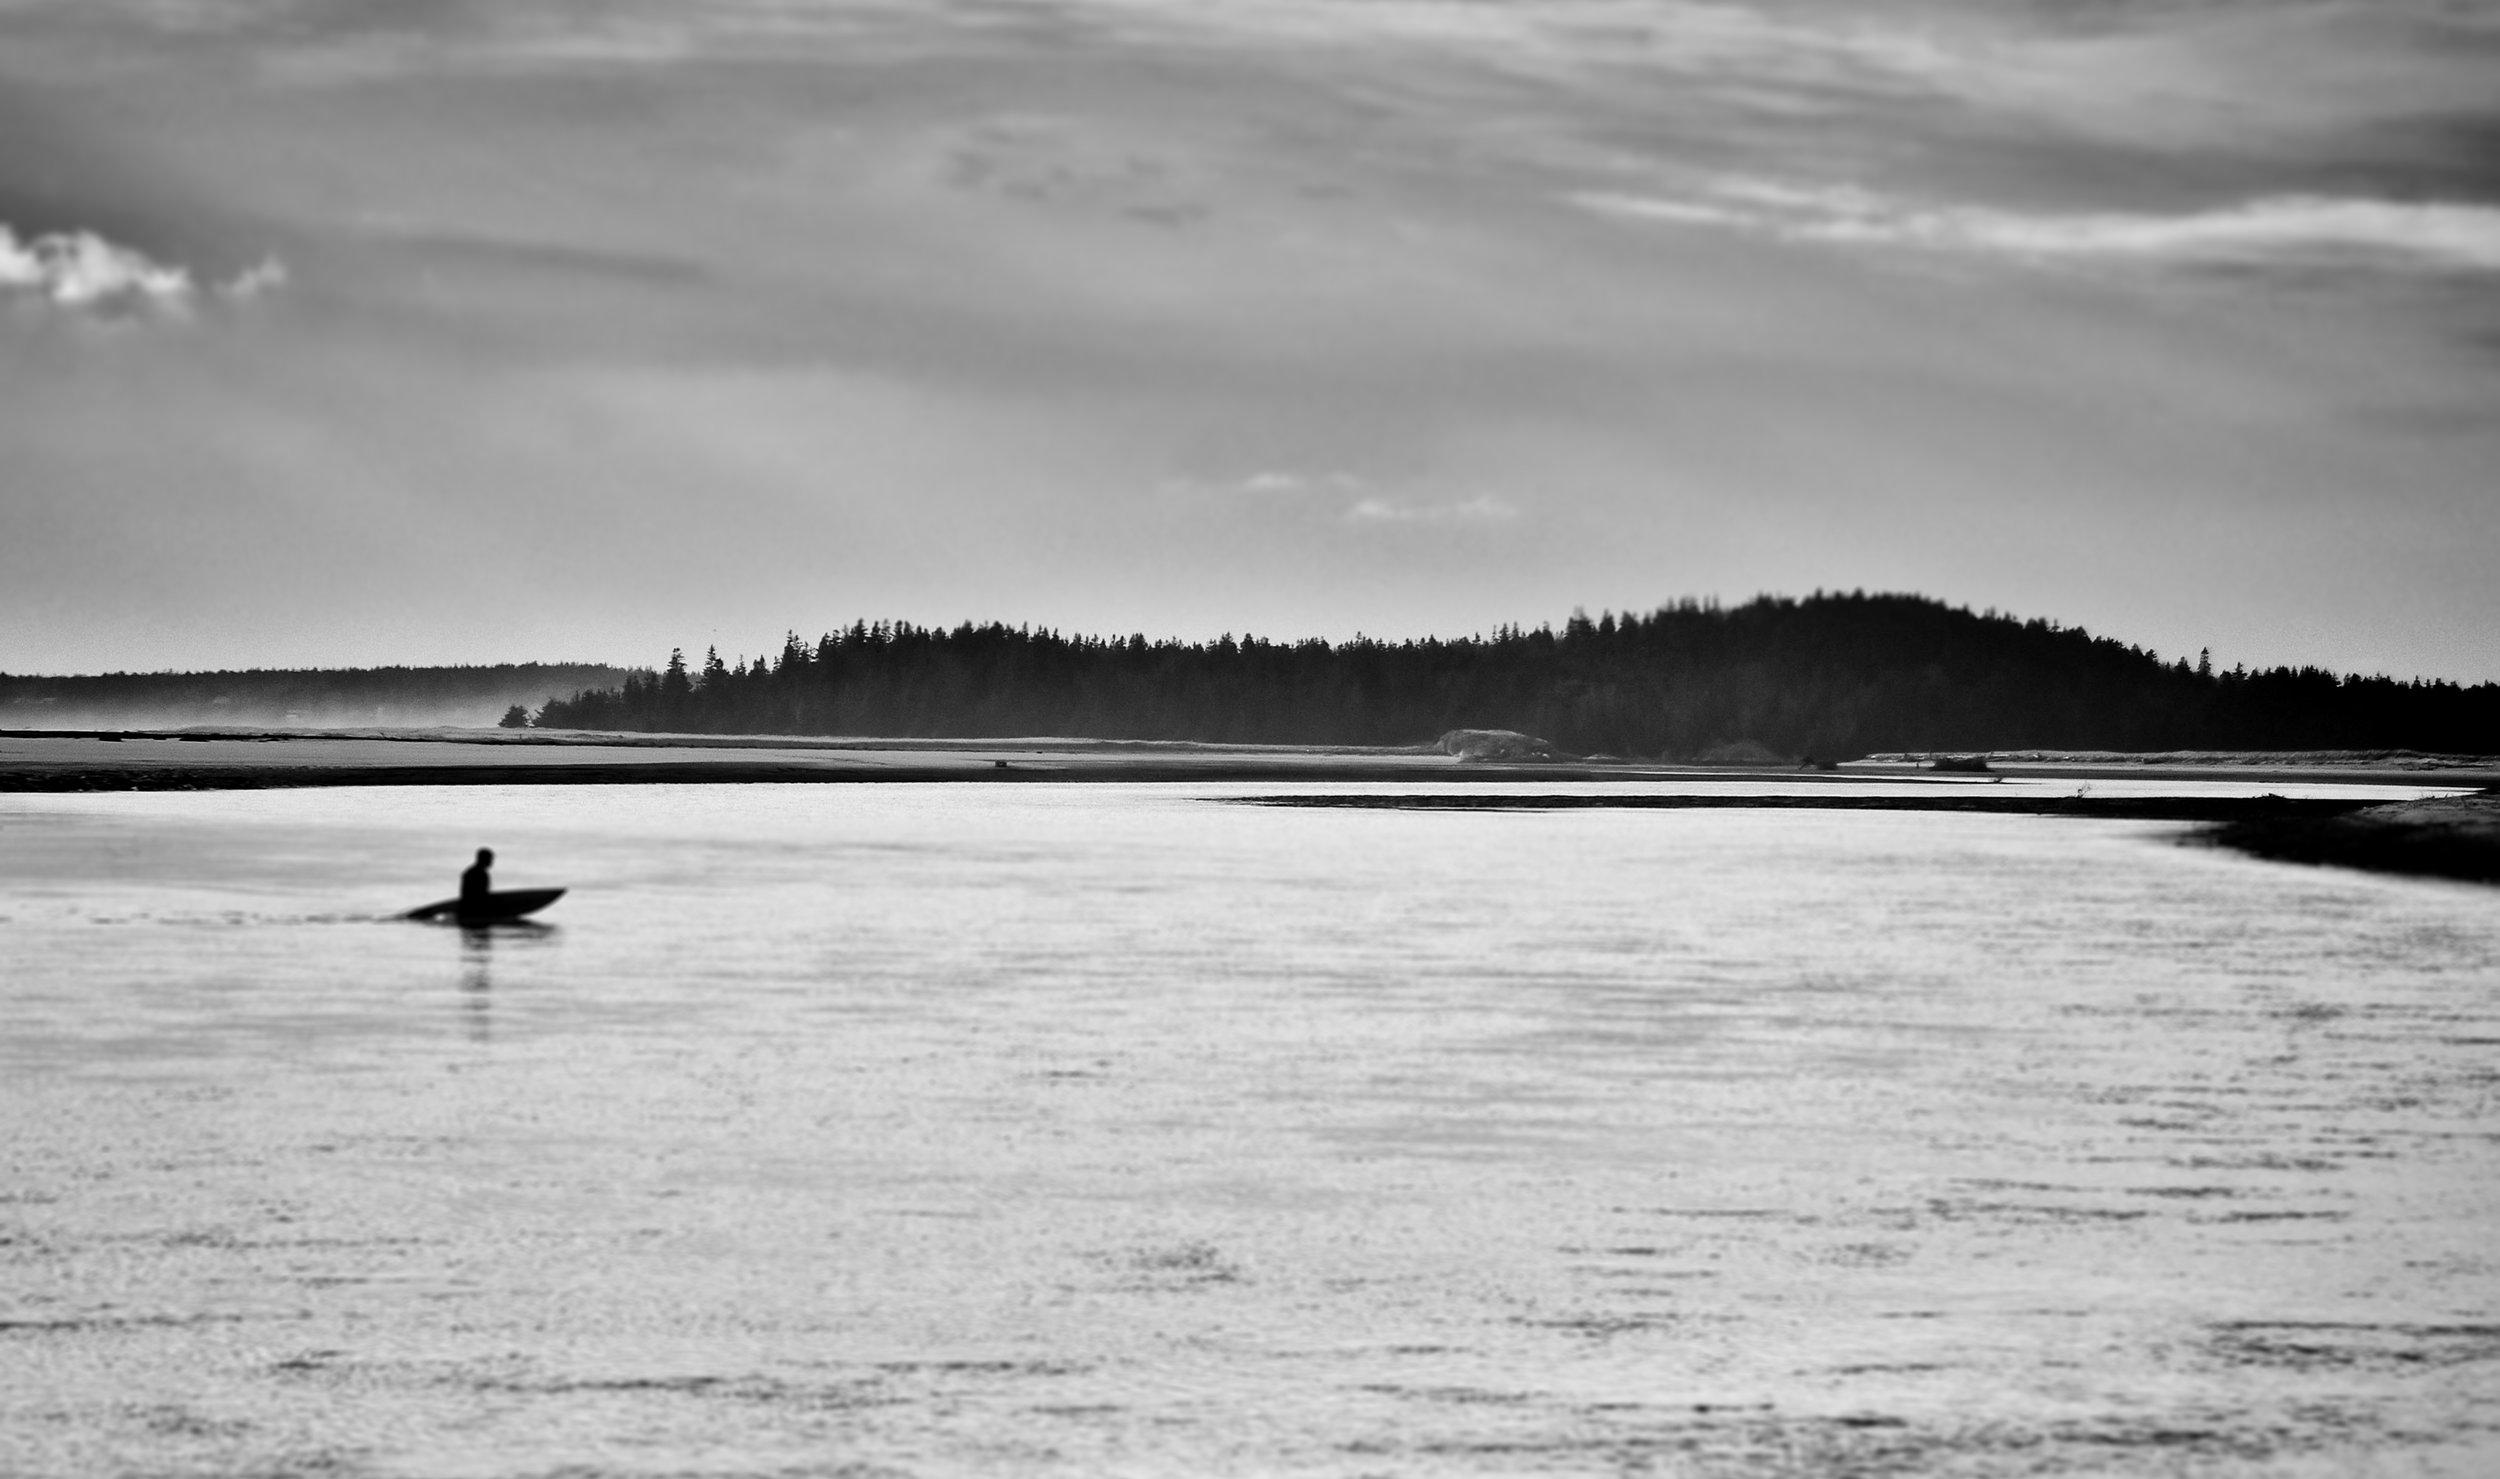 Popham Surfer   Popham Beach, Maine